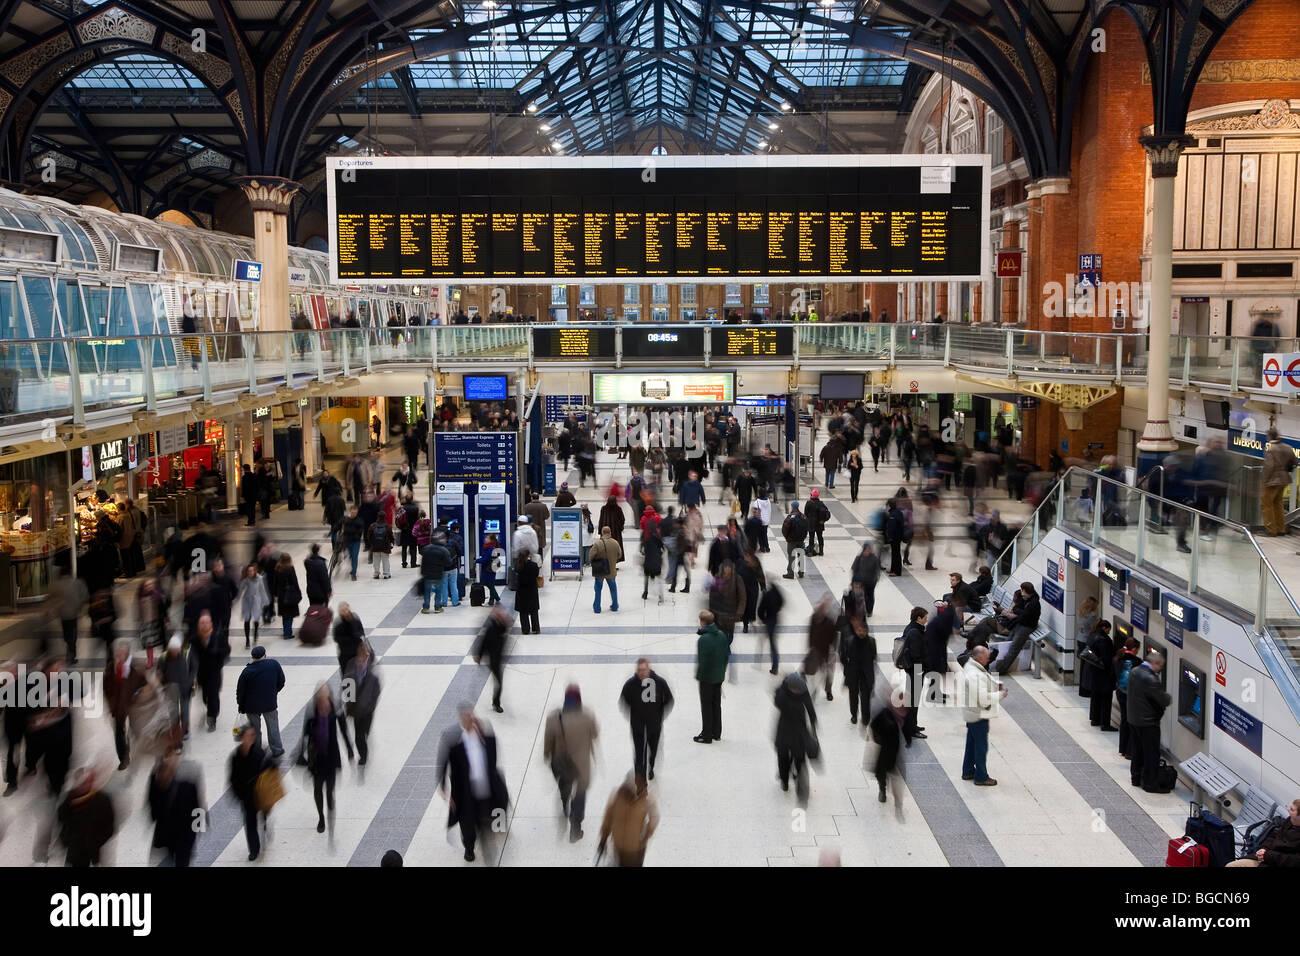 Der Bahnhof Liverpool Street im morgendlichen Berufsverkehr, London, UK Stockbild